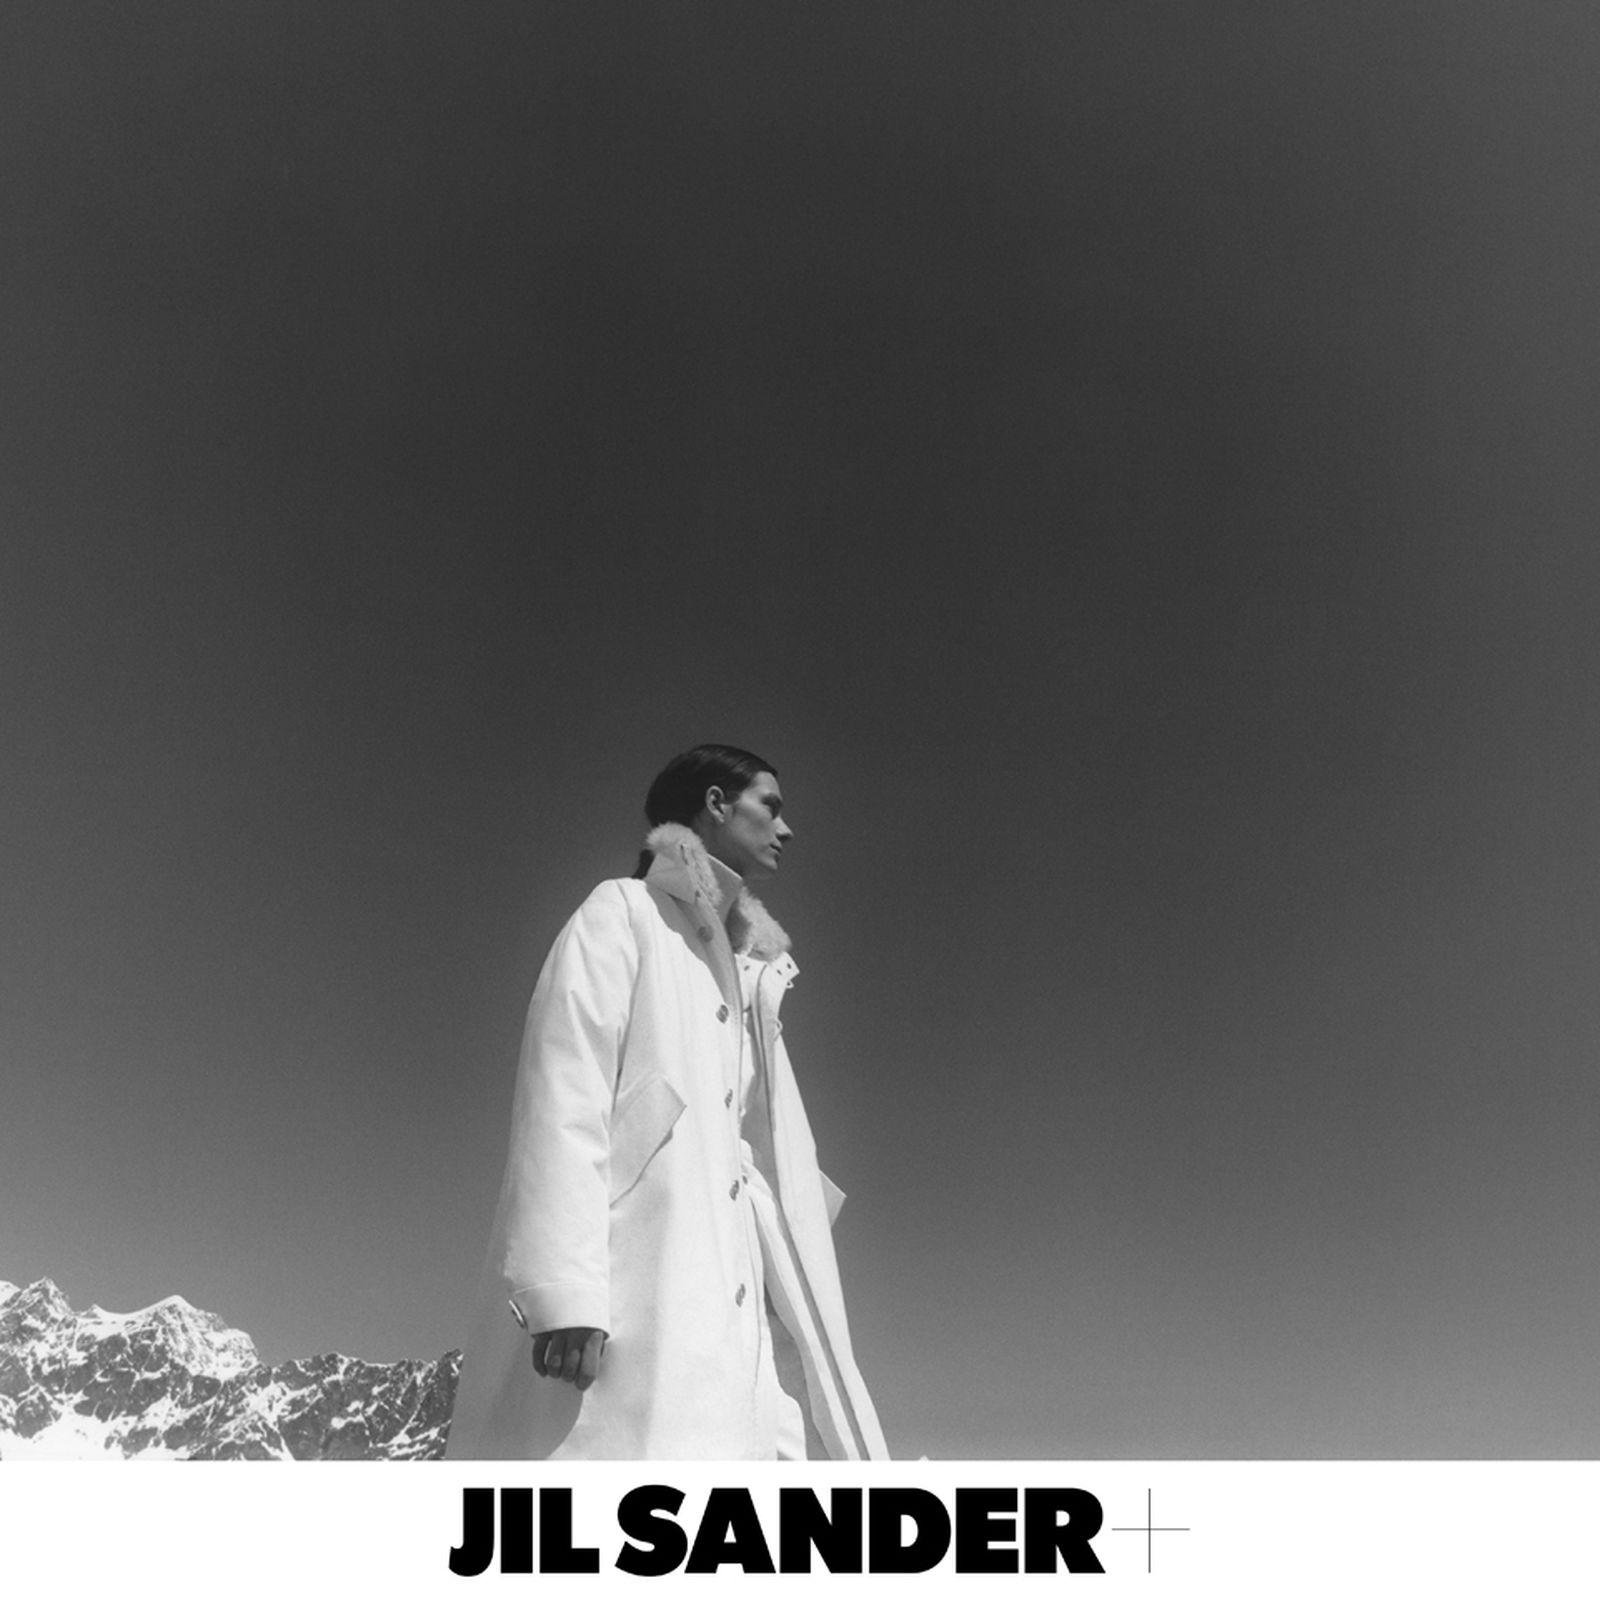 jil sander plus fall winter 2021 campaign (4)